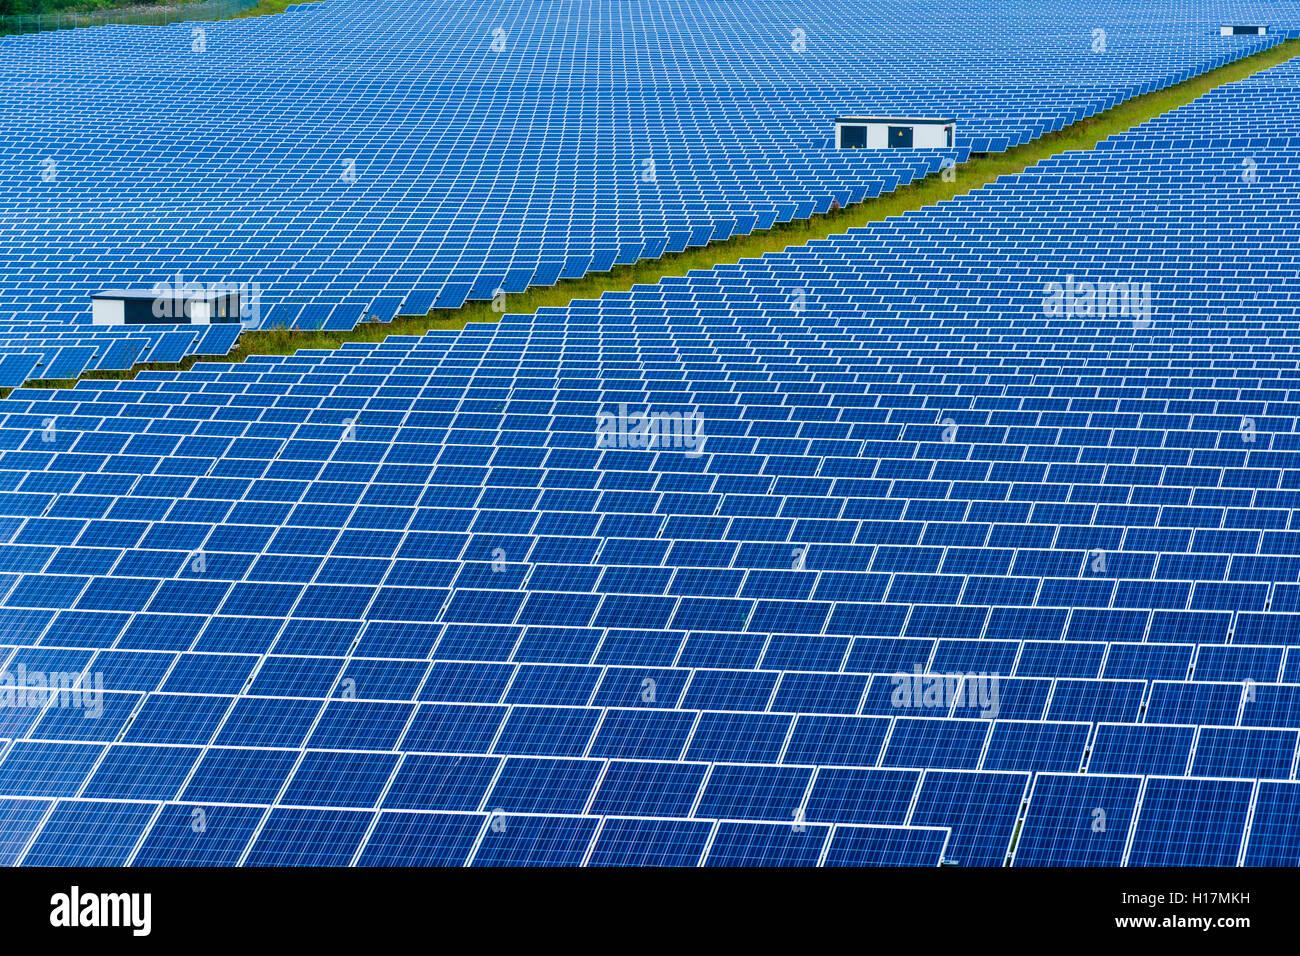 Muchos Photovoltaik paneles solares son parte de un solar grande powerplant, Buckendorf, Baviera, Alemania Imagen De Stock